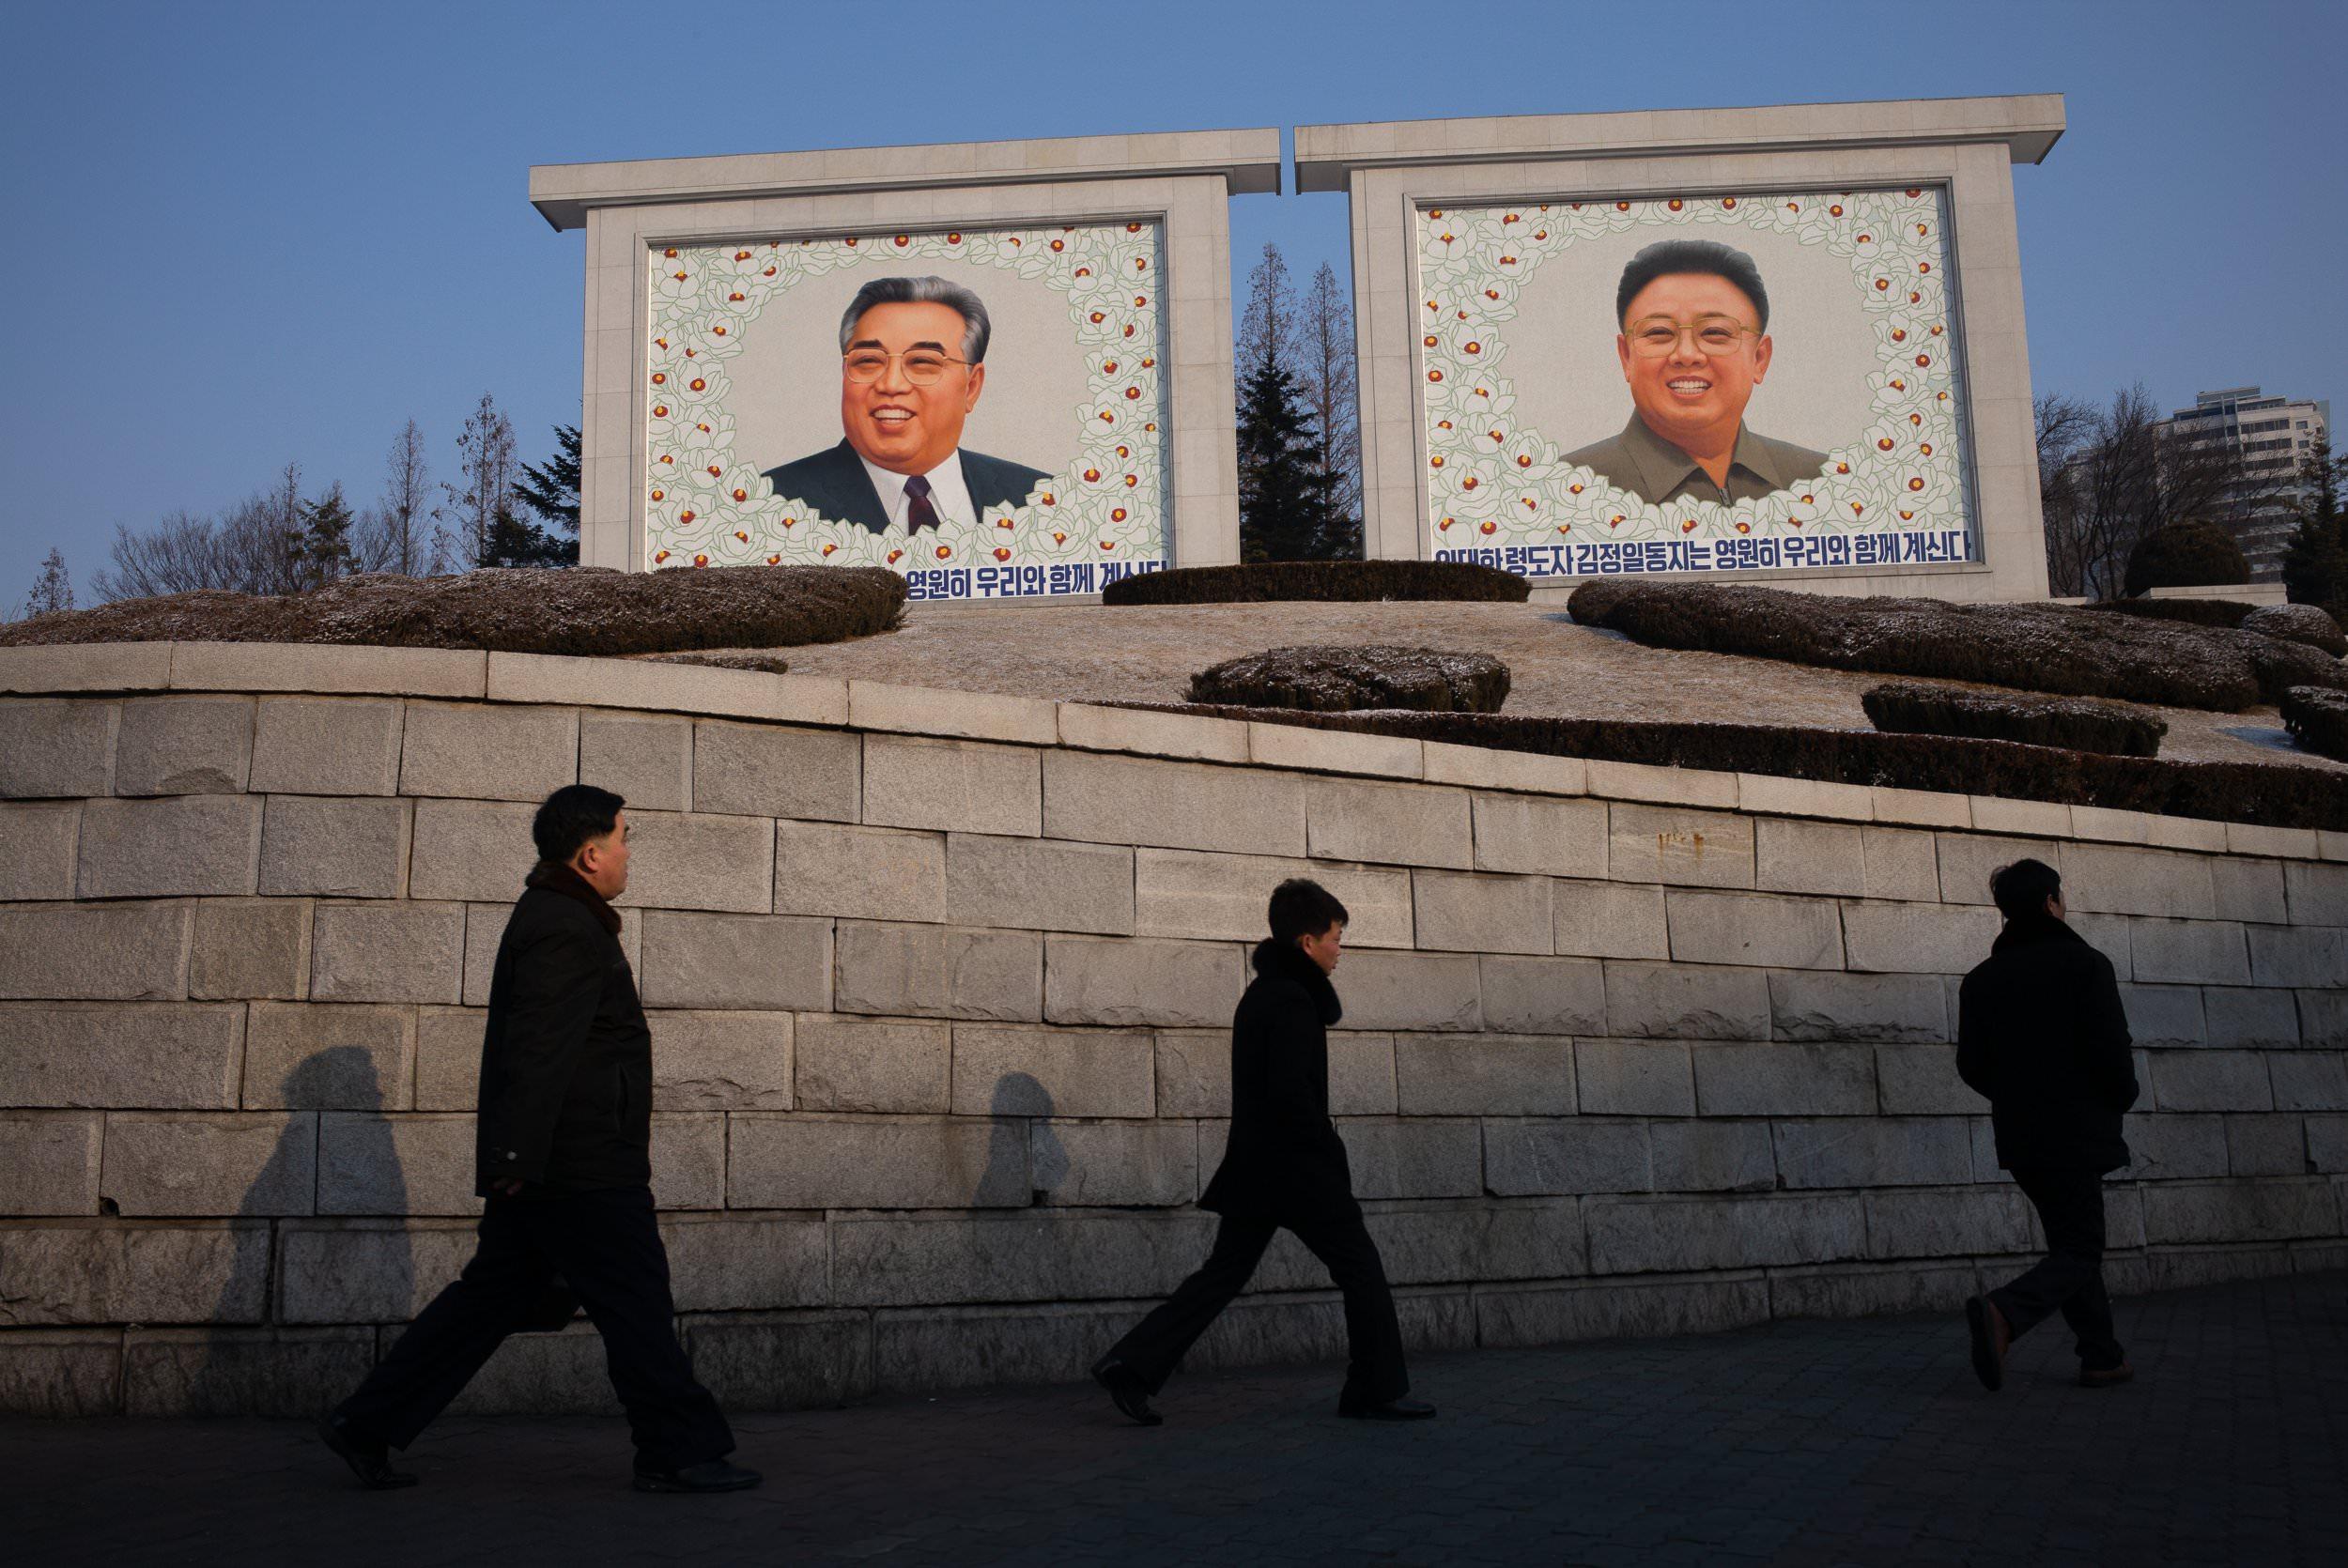 Alain Schneuwly: North Korean Interlude